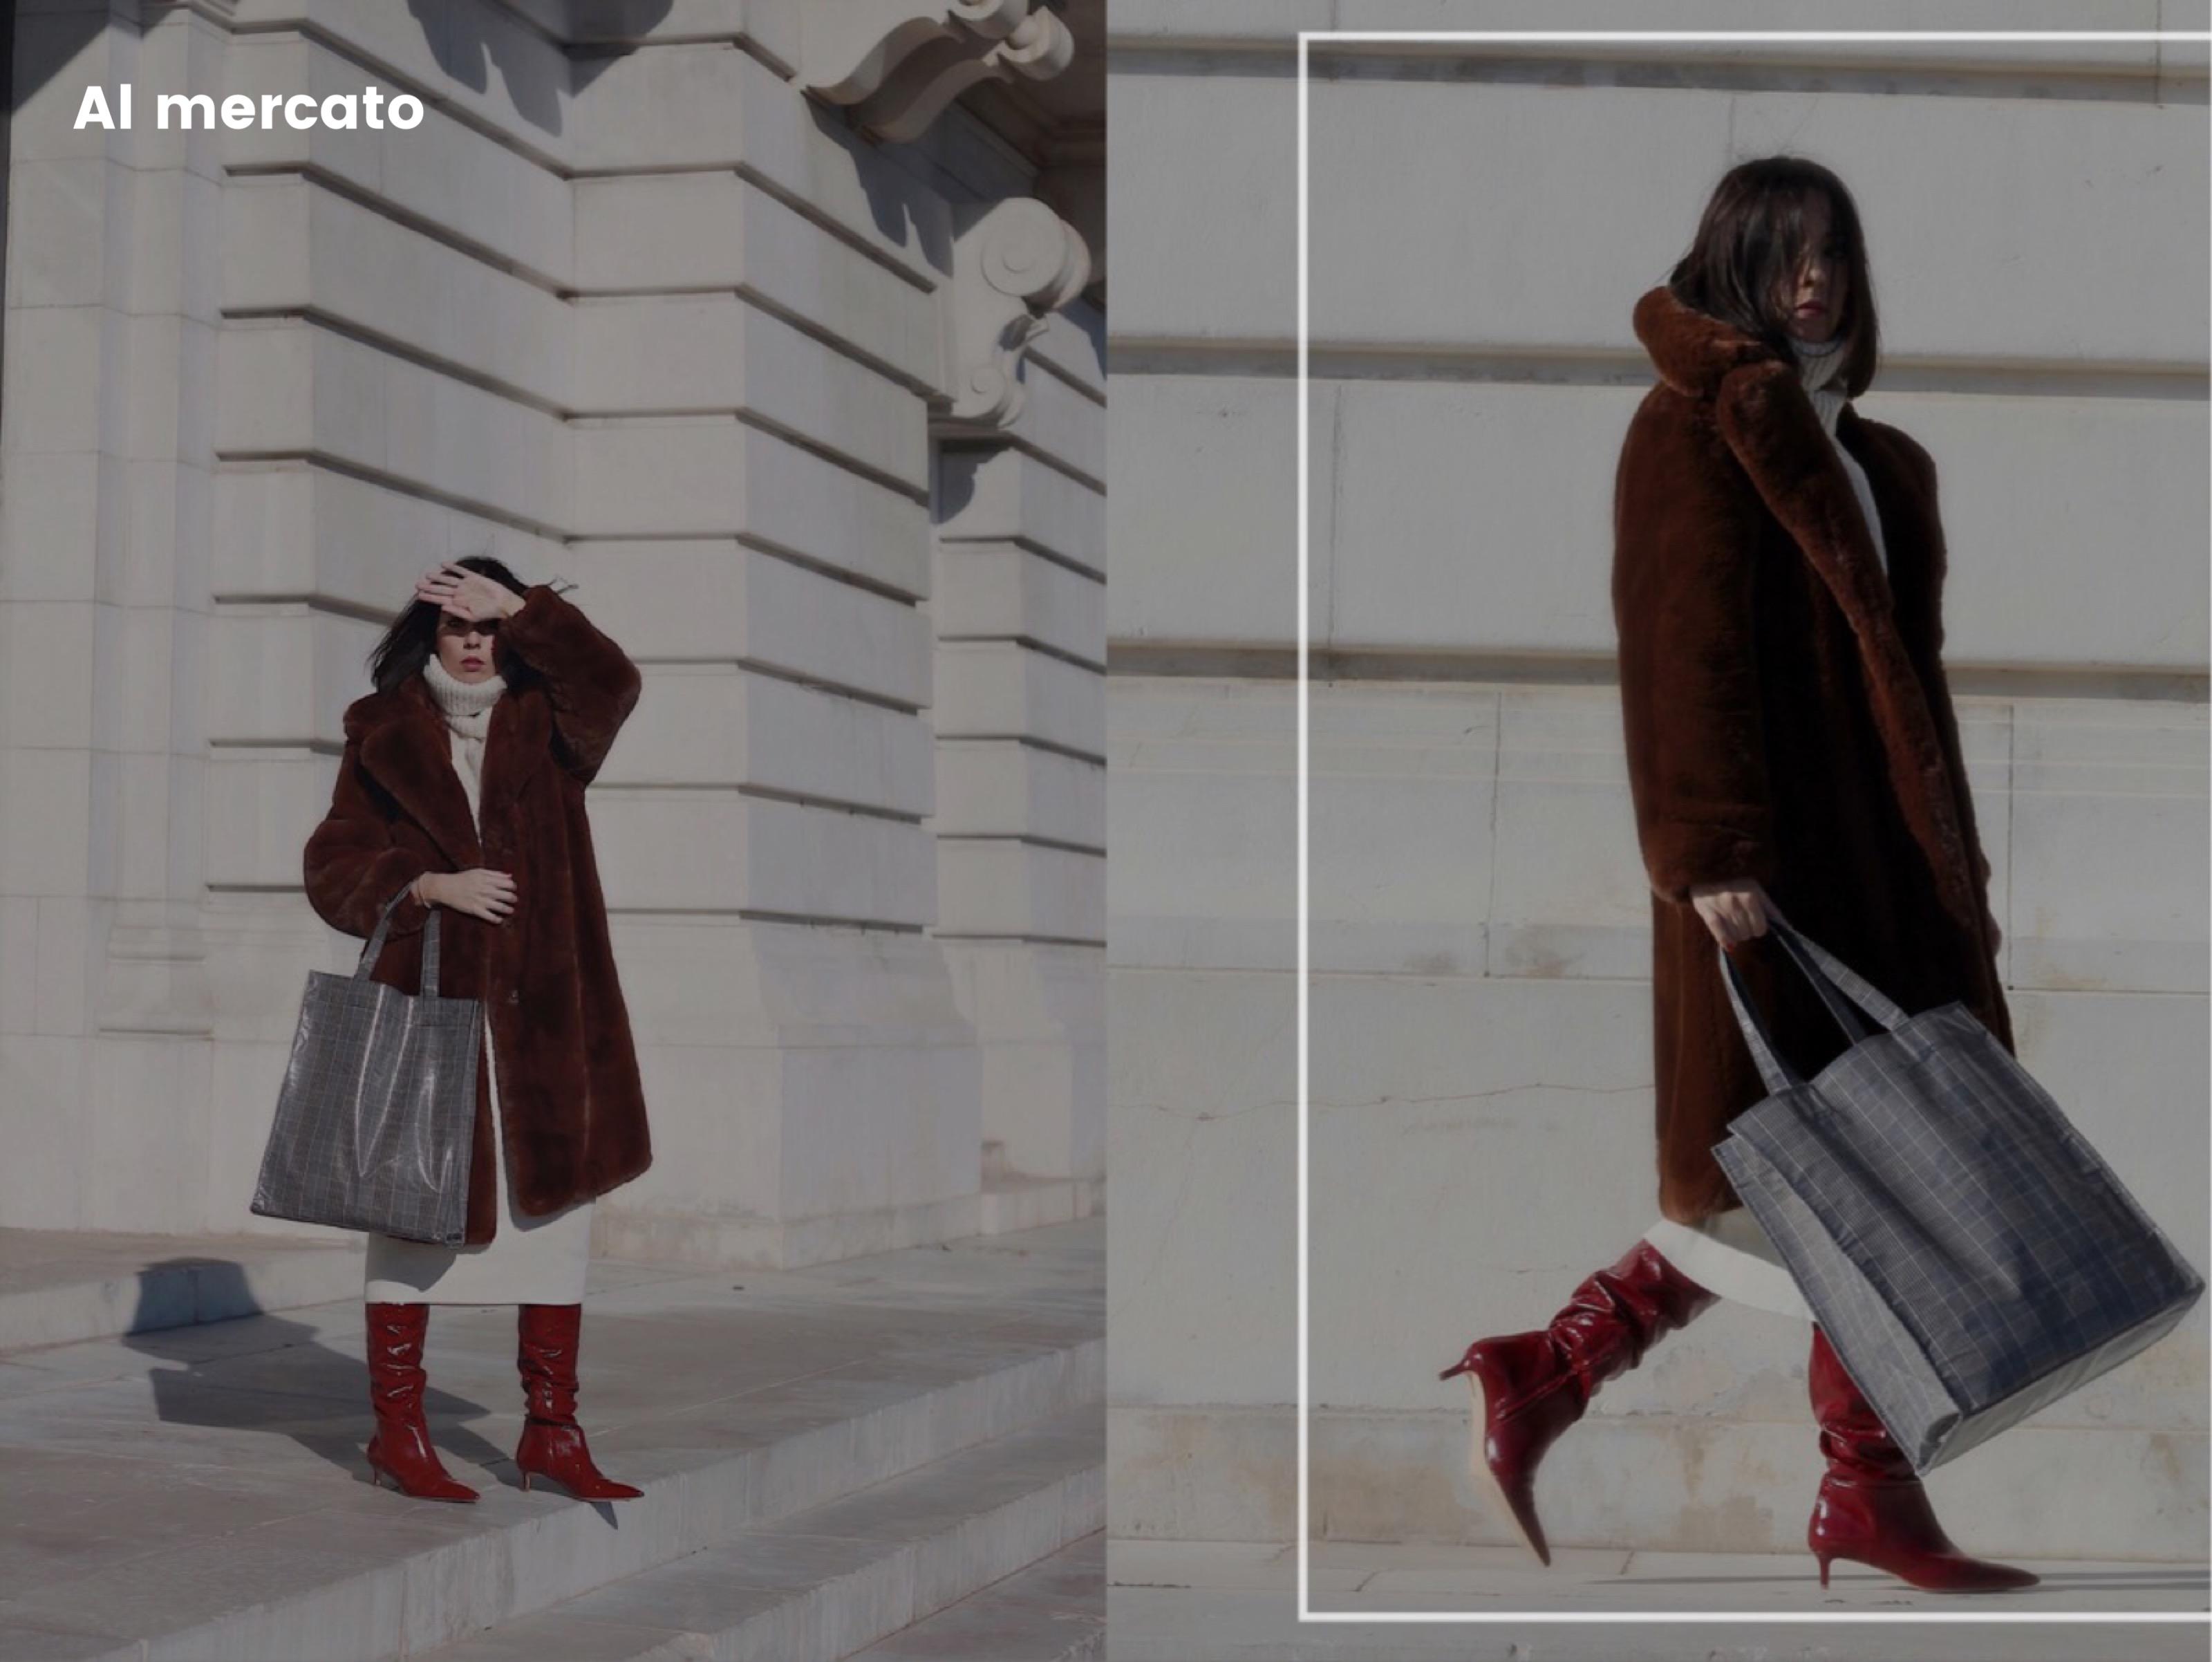 Cosa succederà nel 2018, Cosa succederà nel 2018 nella moda, pelliccia mango, stivali alti zara, outfit chic elegante inverno 2017, come vestirsi quando si gela 2017, come vestirsi chic in inverno 2017, elisa bellino, fashion blogger più seguite 2018, blogger moda instagram, blogger moda più seguite, fashion blogger famose, diormakeup 2017, trucco inverno 2017